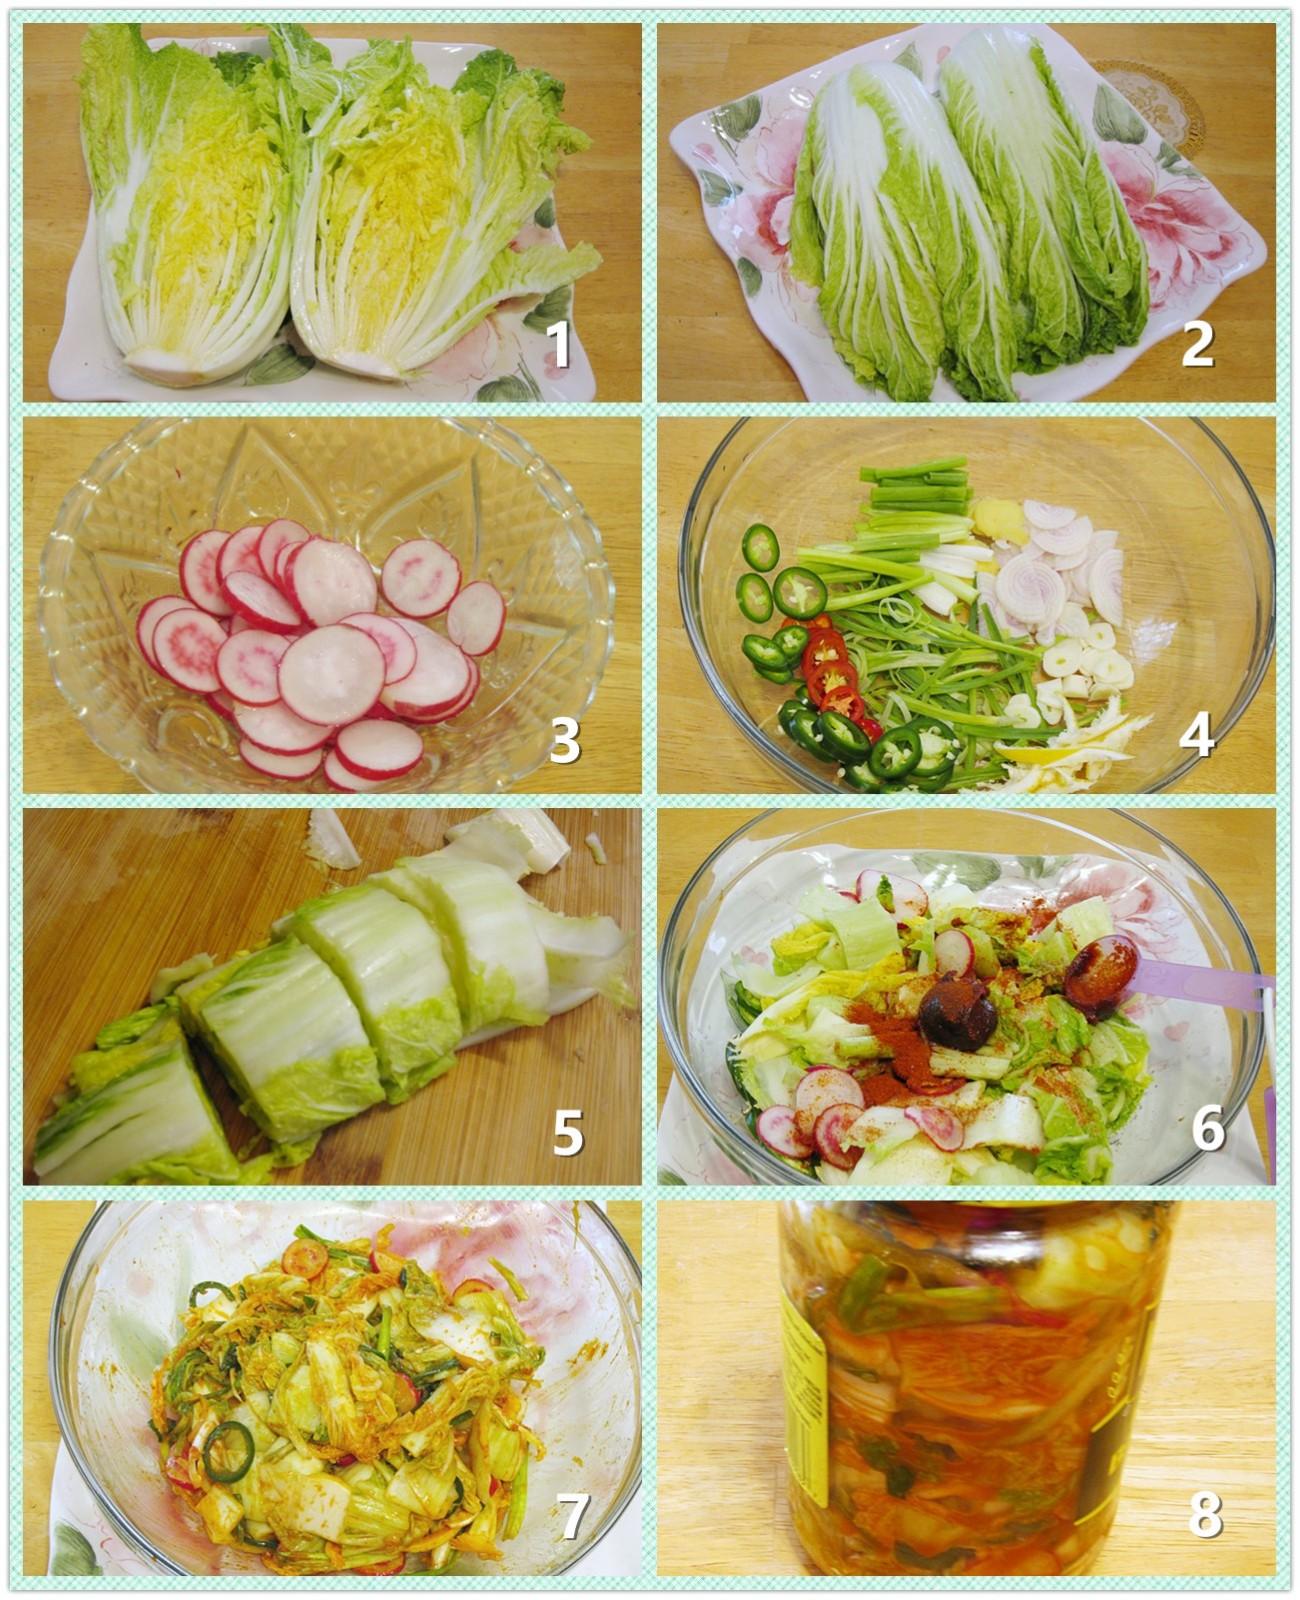 家庭韩式泡菜_图1-2